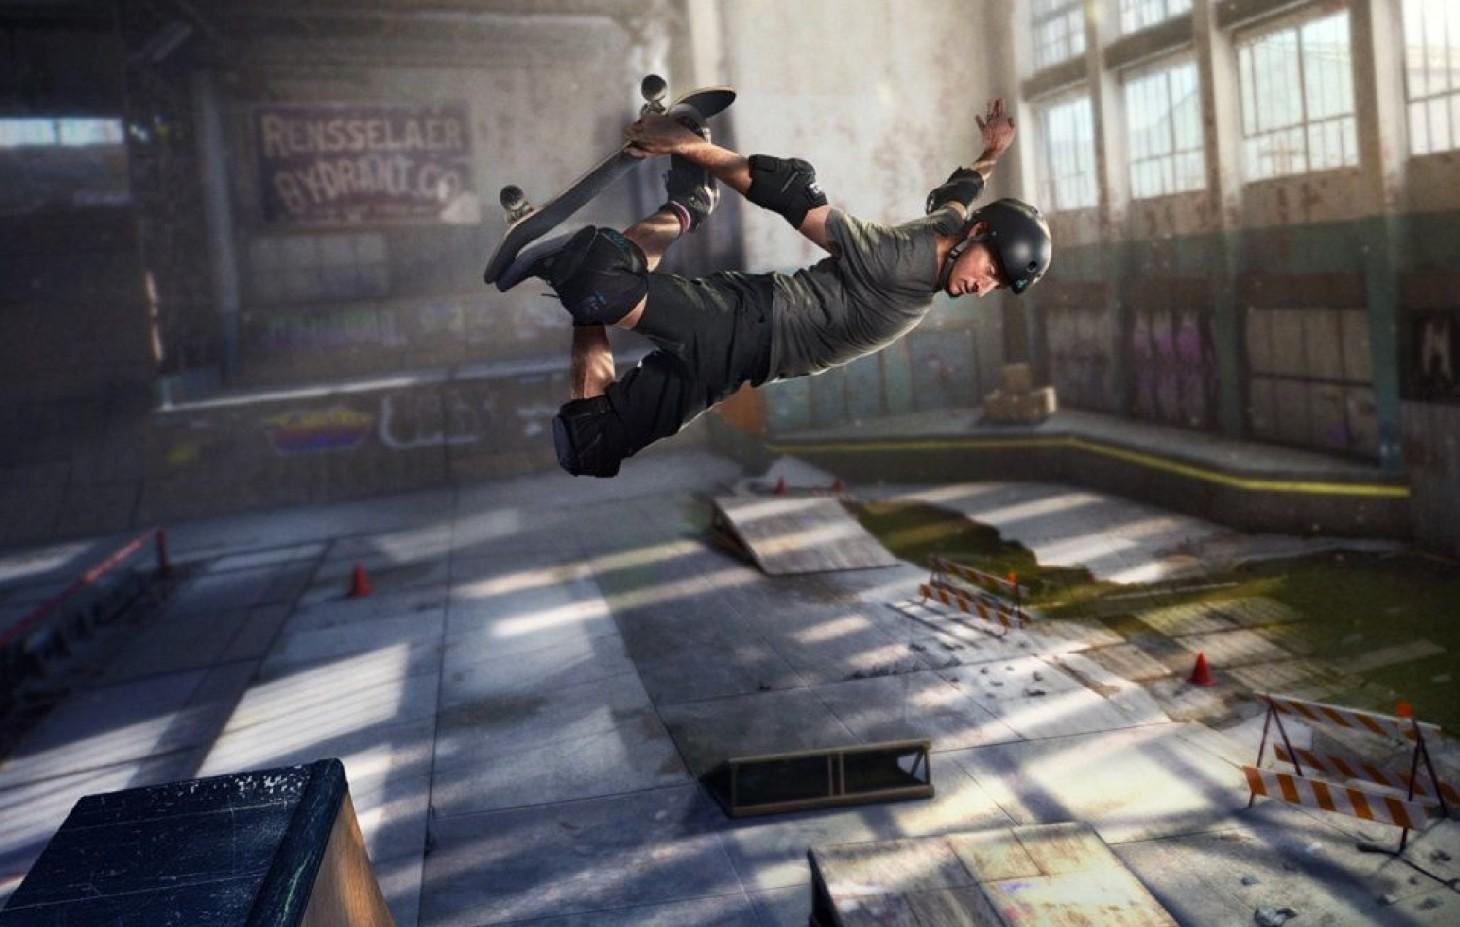 Tony Hawk's Pro Skater 1 And 2